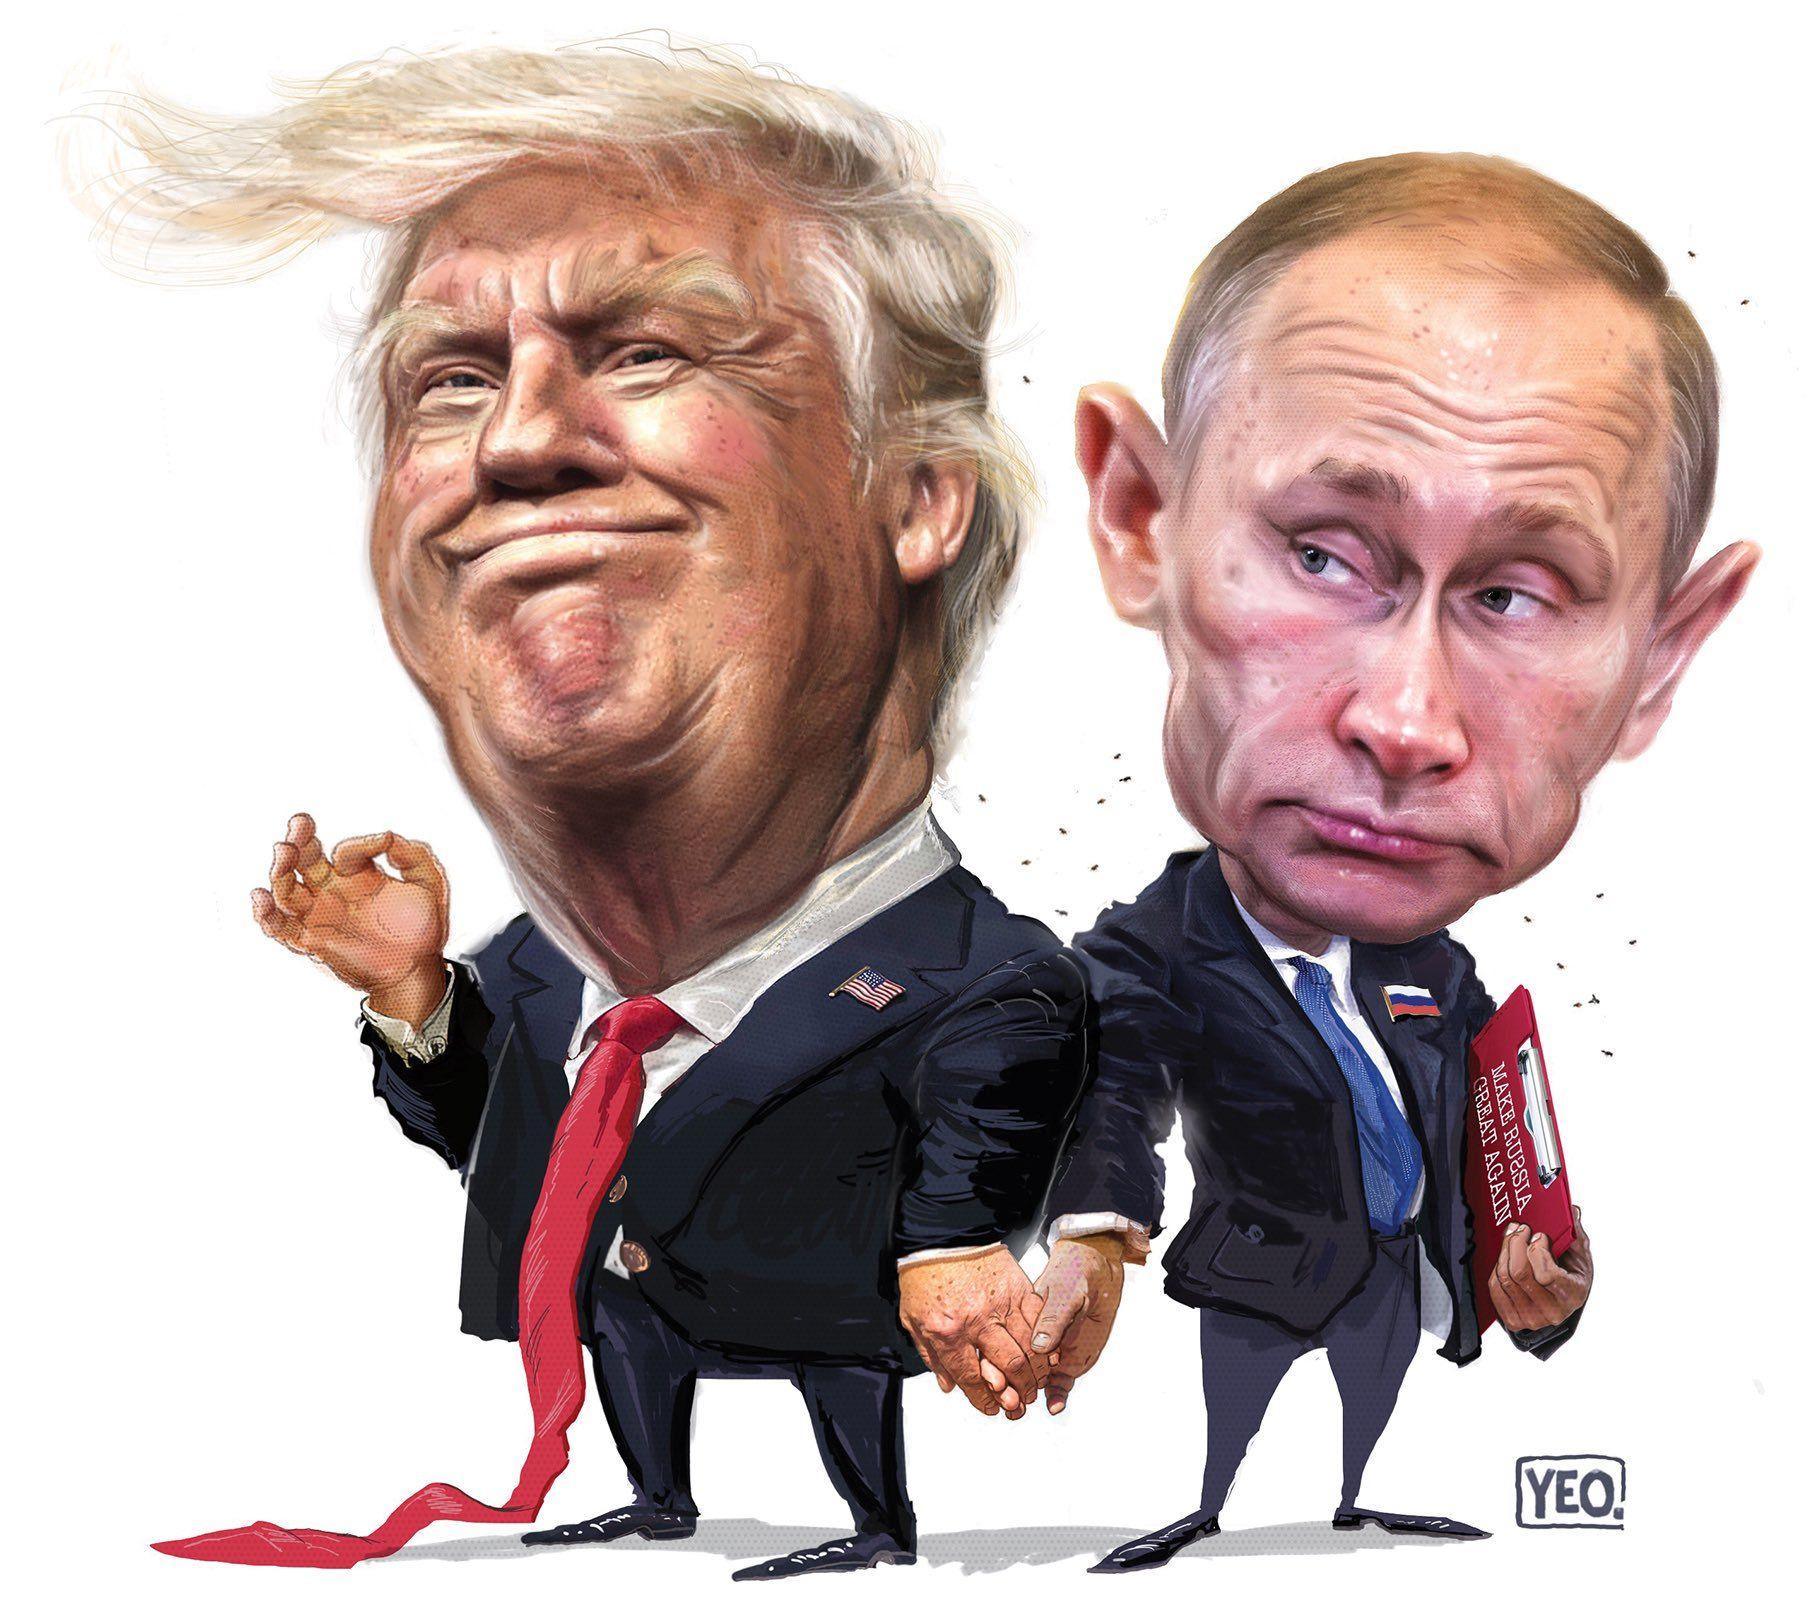 Прикольные рисунки политиков, открытка ира днем